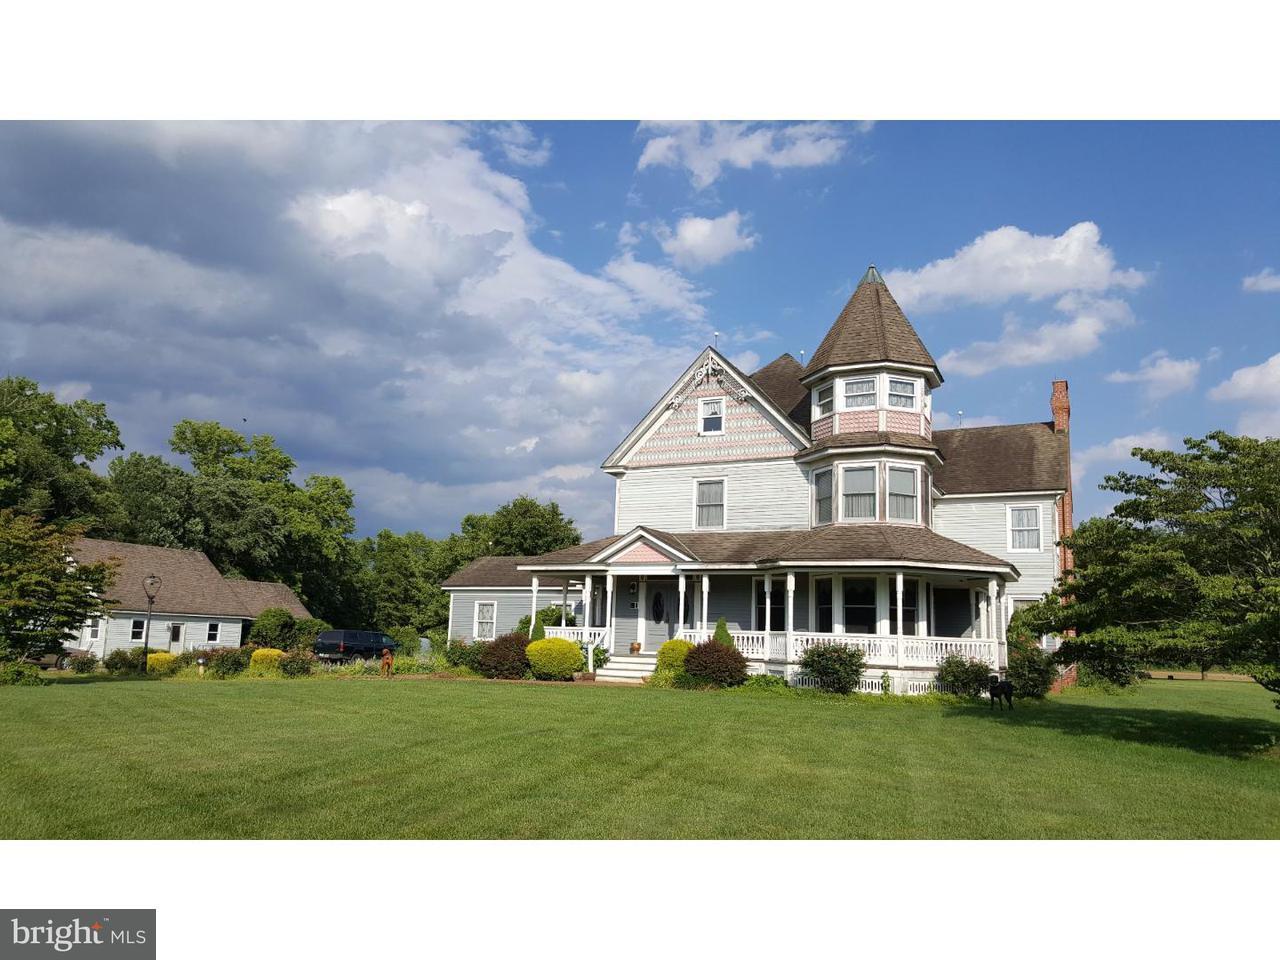 Maison unifamiliale pour l Vente à 380 PINE TAVERN Road Monroeville, New Jersey 08343 États-Unis